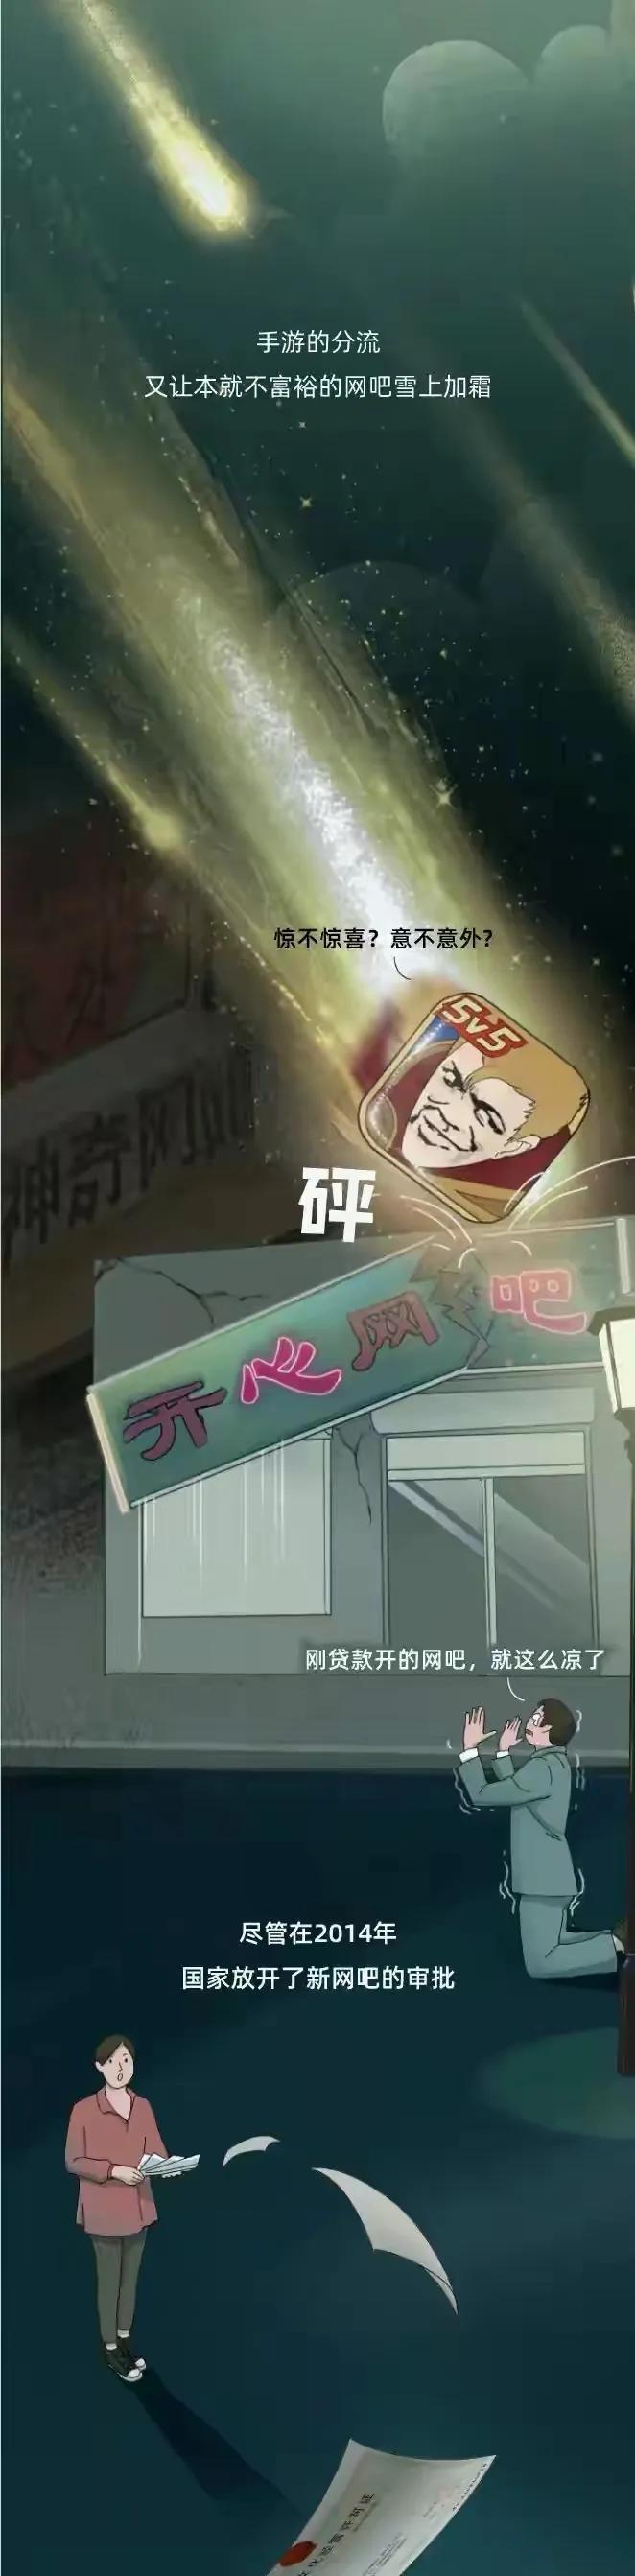 """中国网吧的""""兴衰史"""",只有去过网吧的人才能读懂(漫画)"""